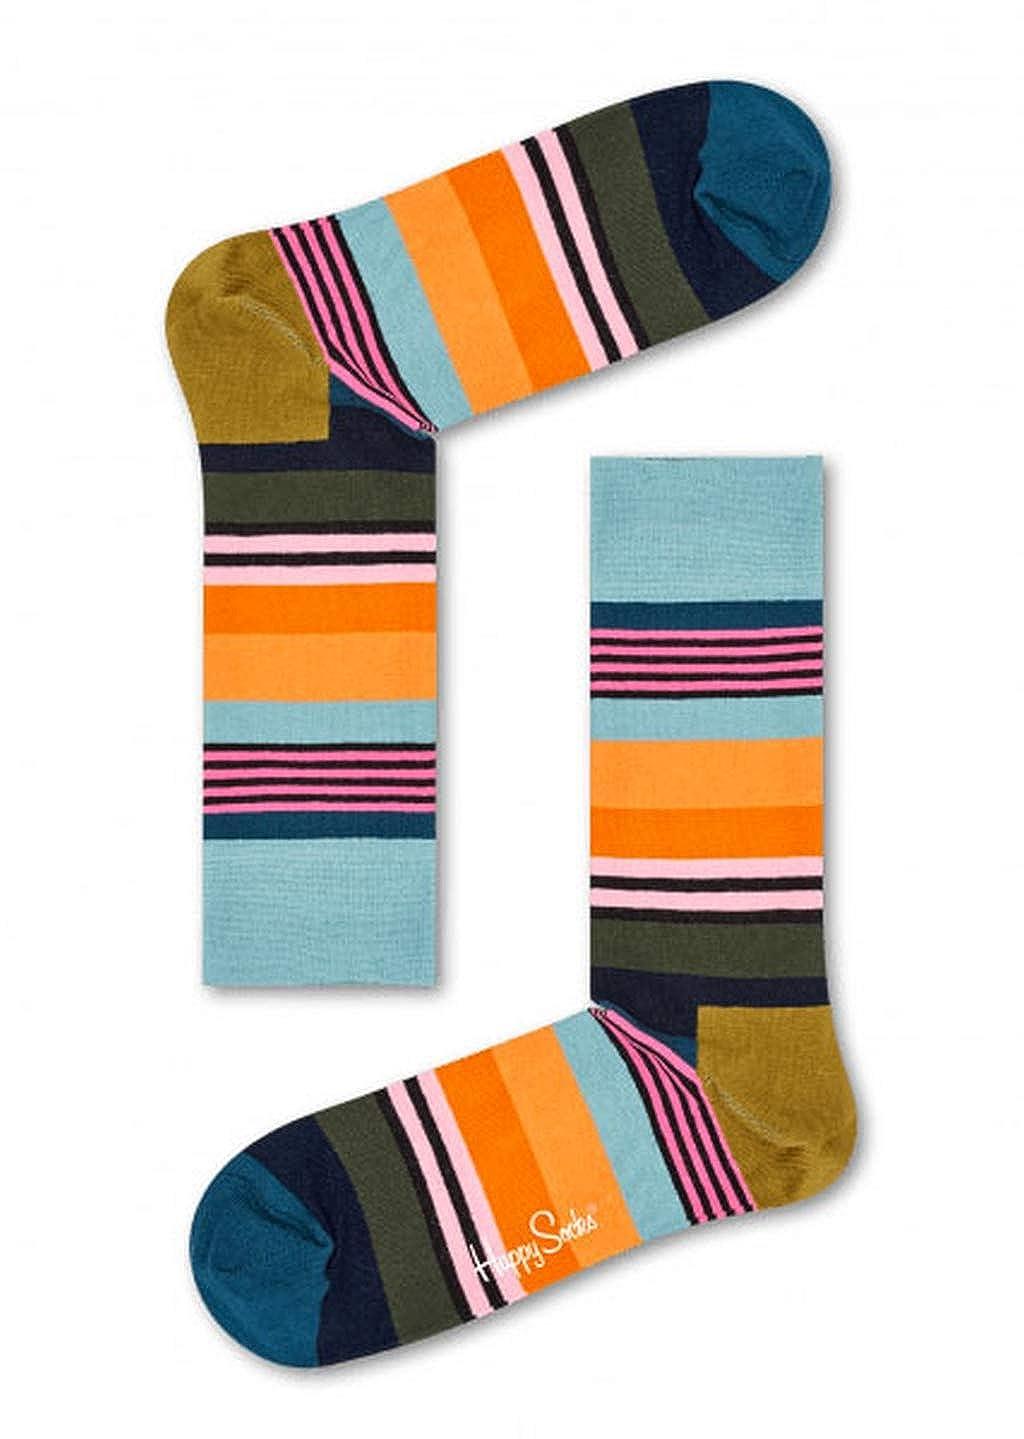 Happy Socks Calzini Collezione Moda Taglia 41-46 (41-46, 2000)